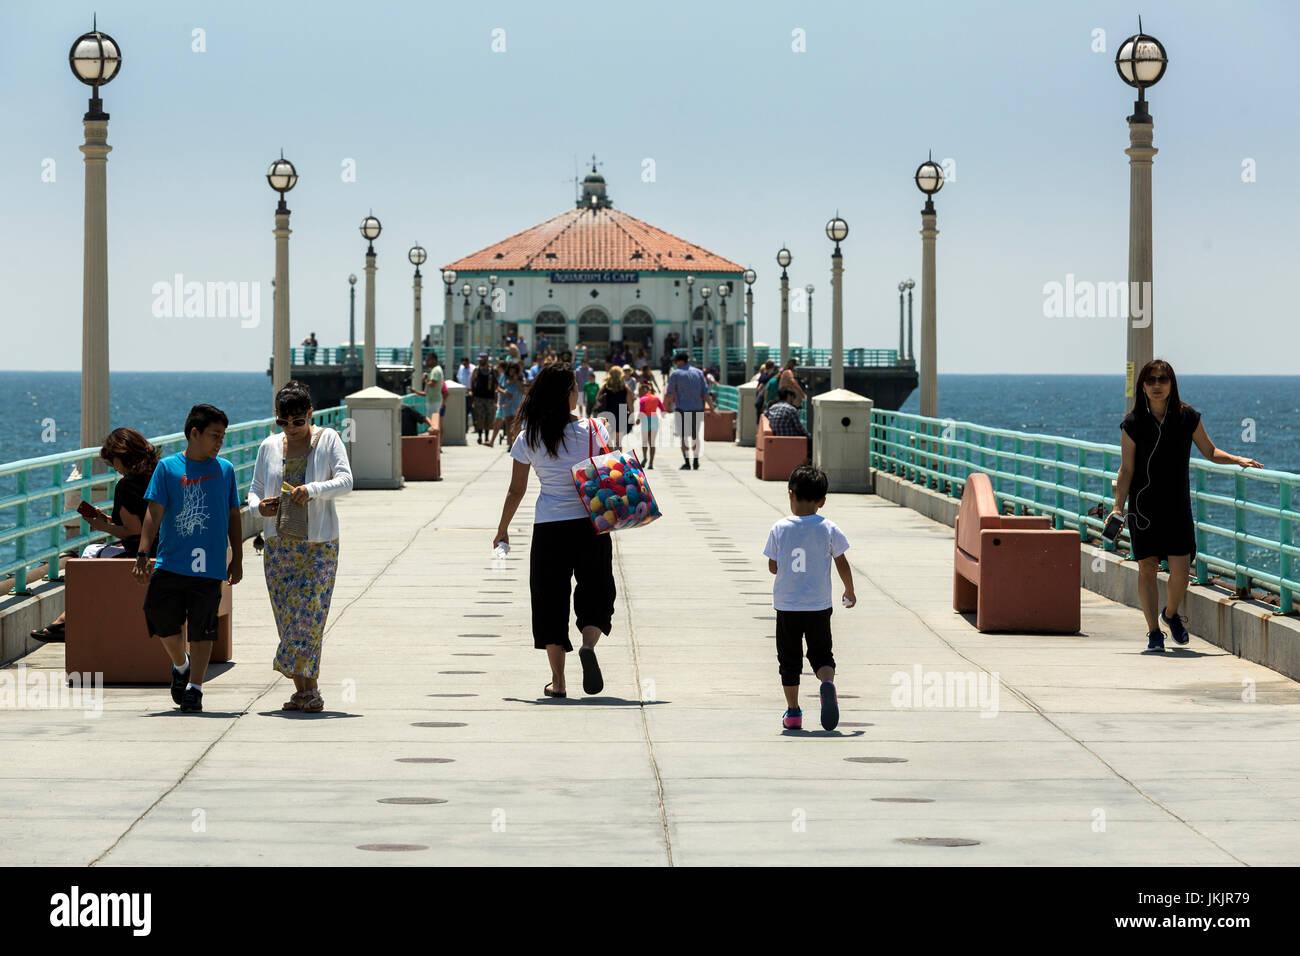 View of Manhattan Beach, California. - Stock Image